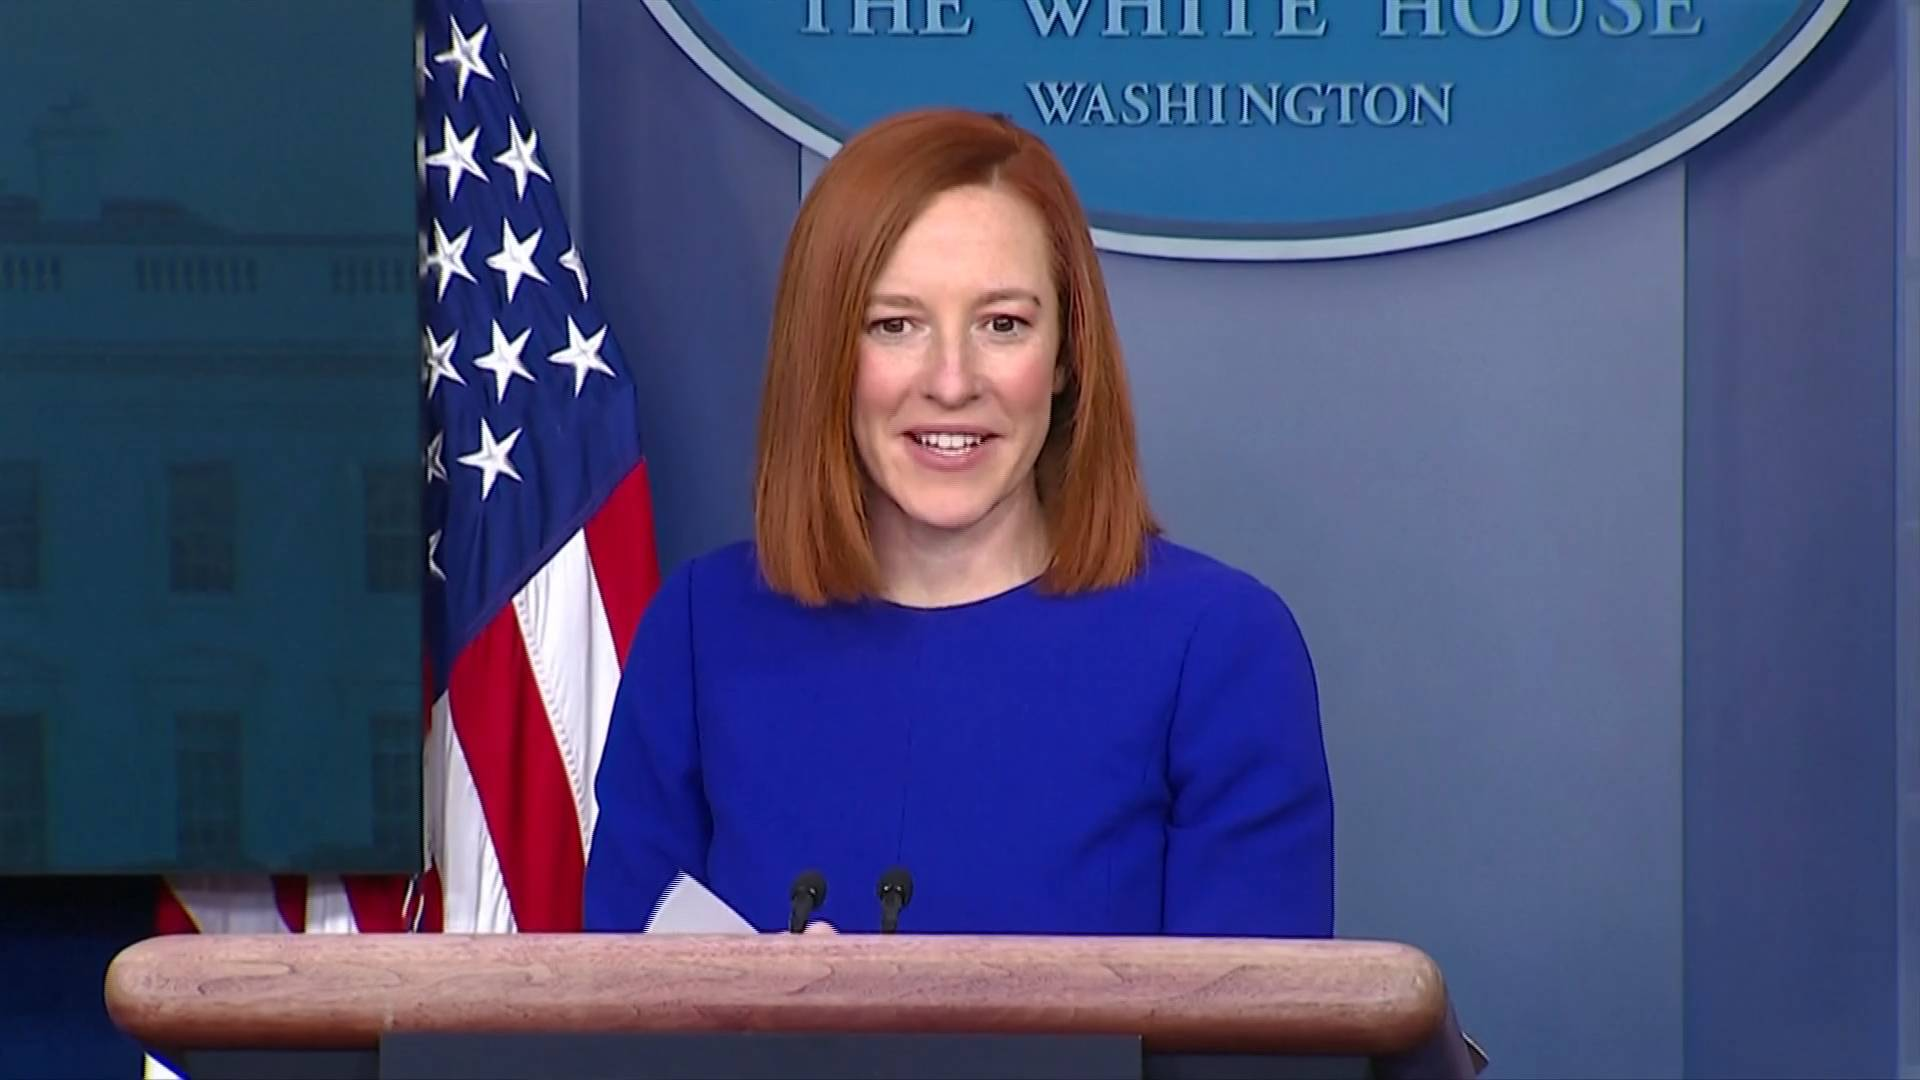 自2020年12月15日以来首次 白宫新闻秘书举行拜登政府首场新闻发布会